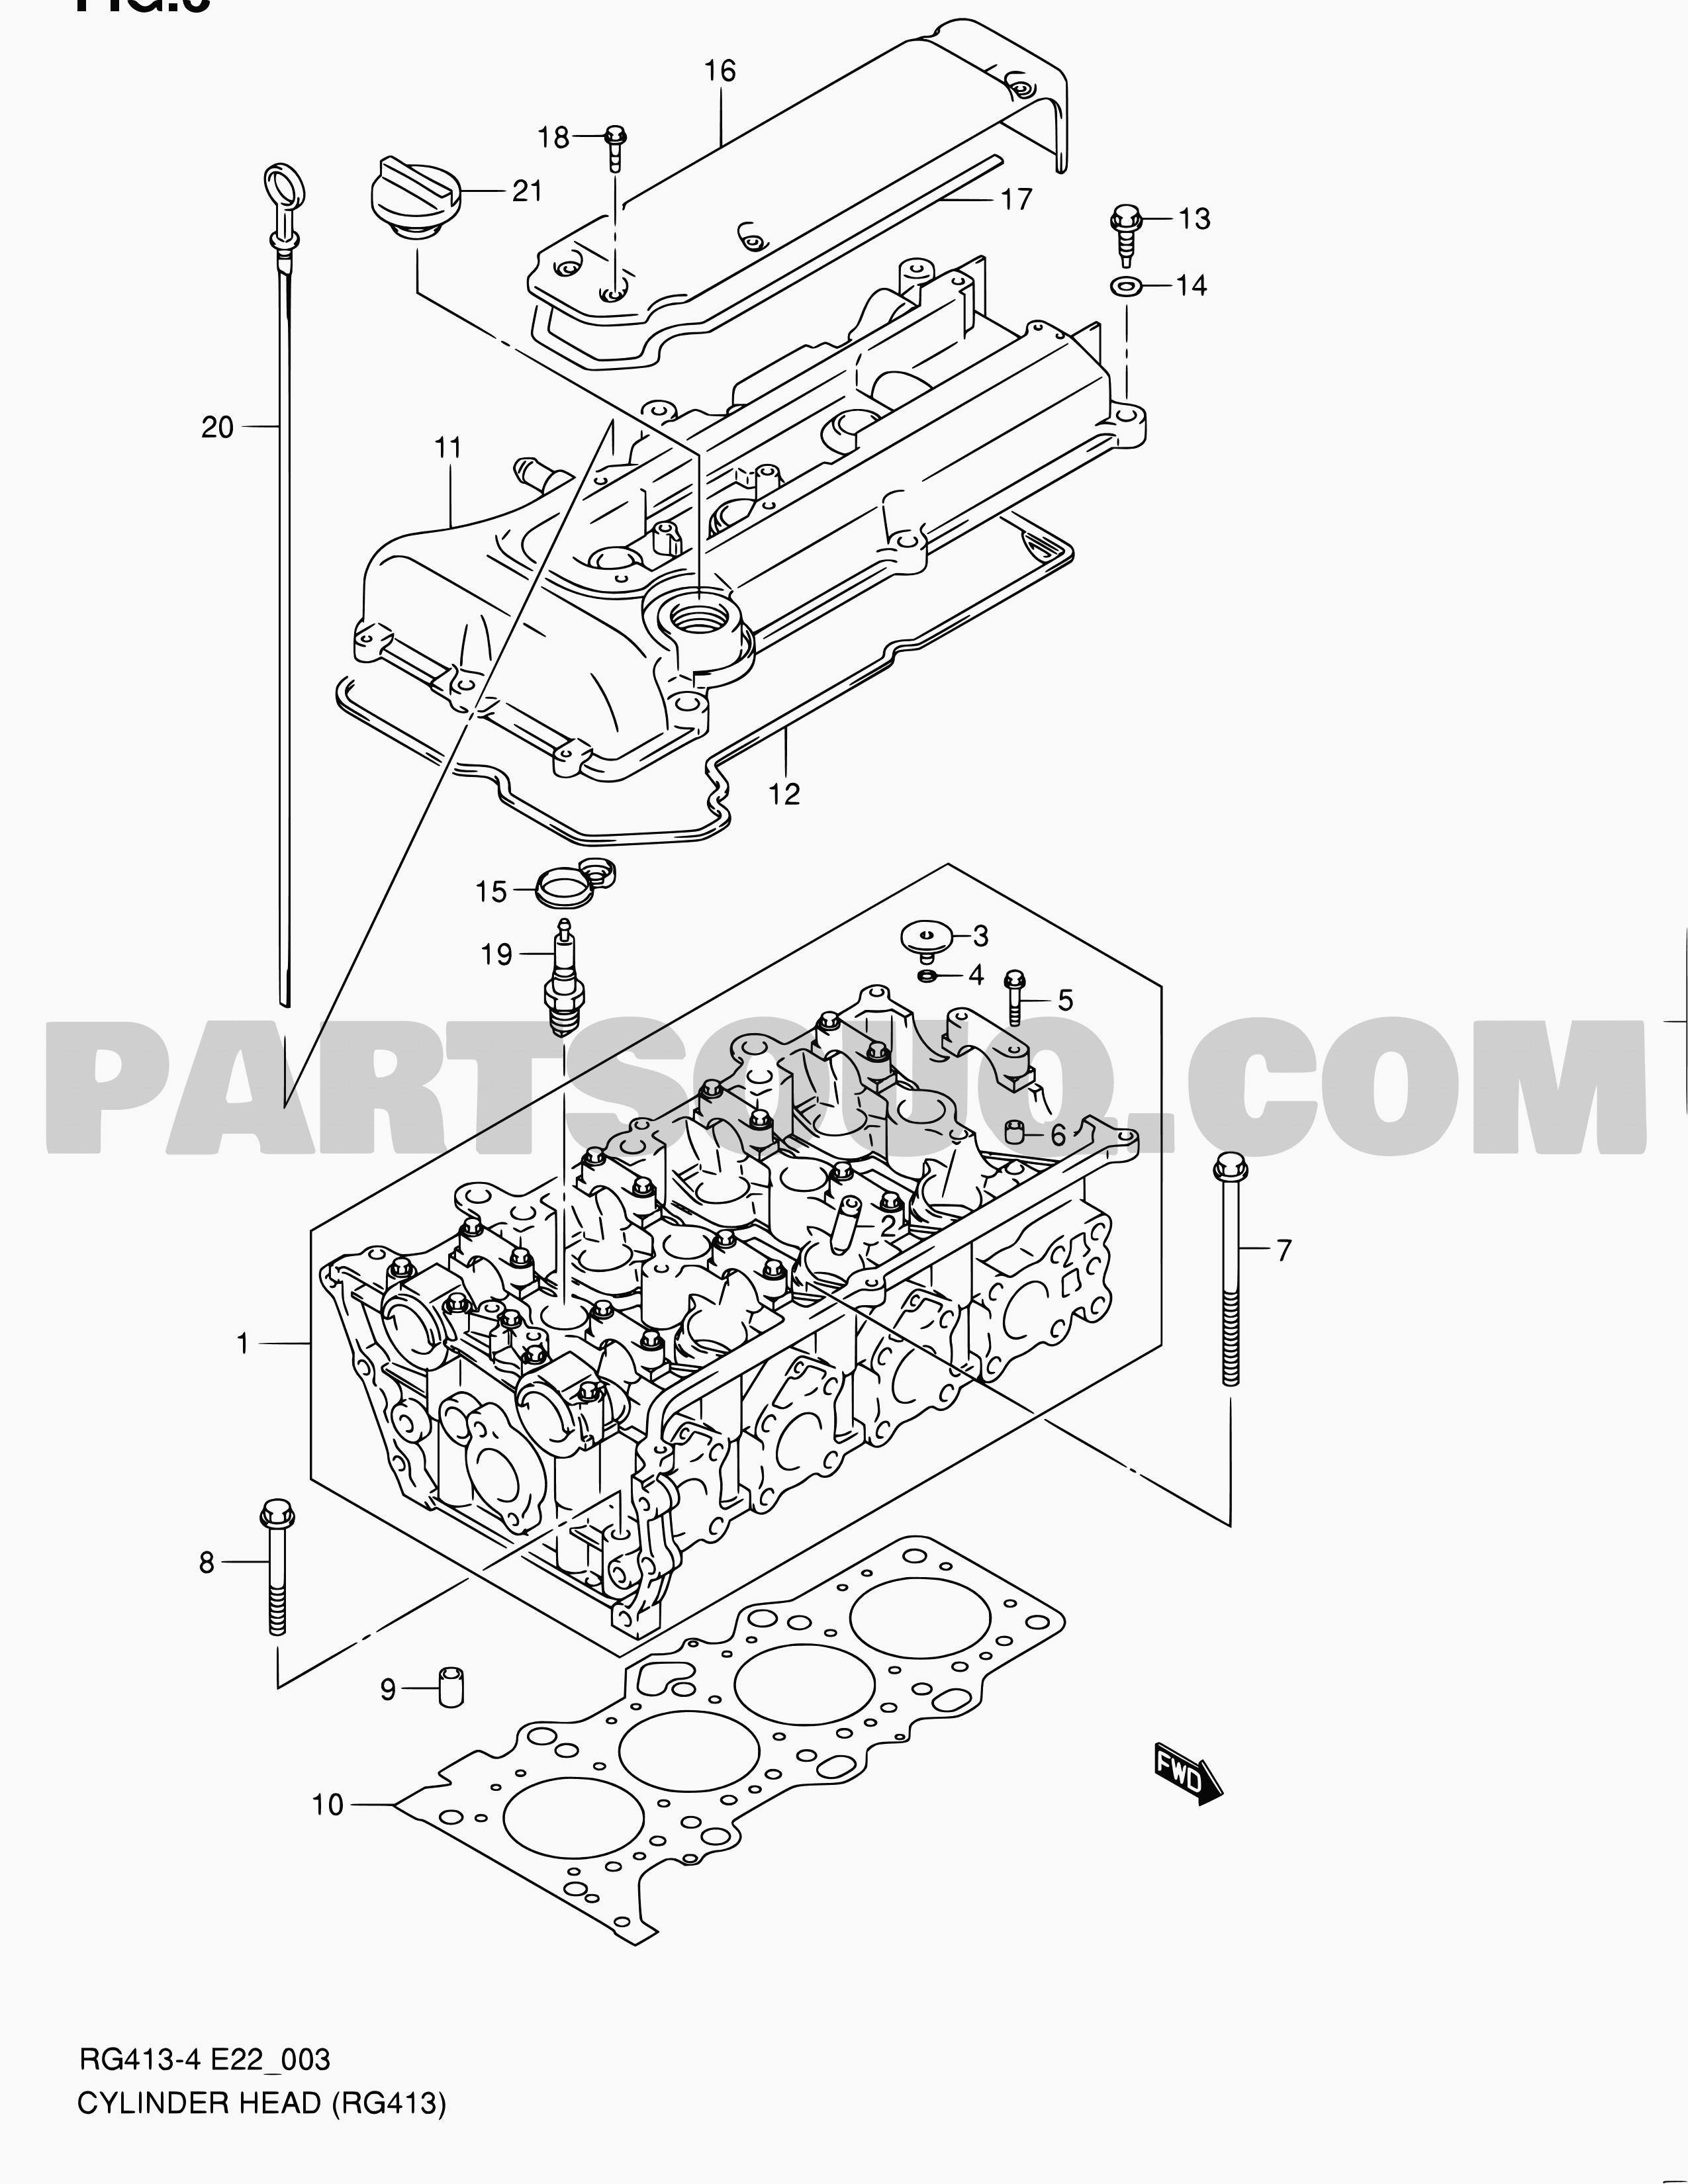 Suzuki M13a Engine Diagram 1 Engine Ignis Zy2 M13a Suzuki Of Suzuki M13a Engine Diagram